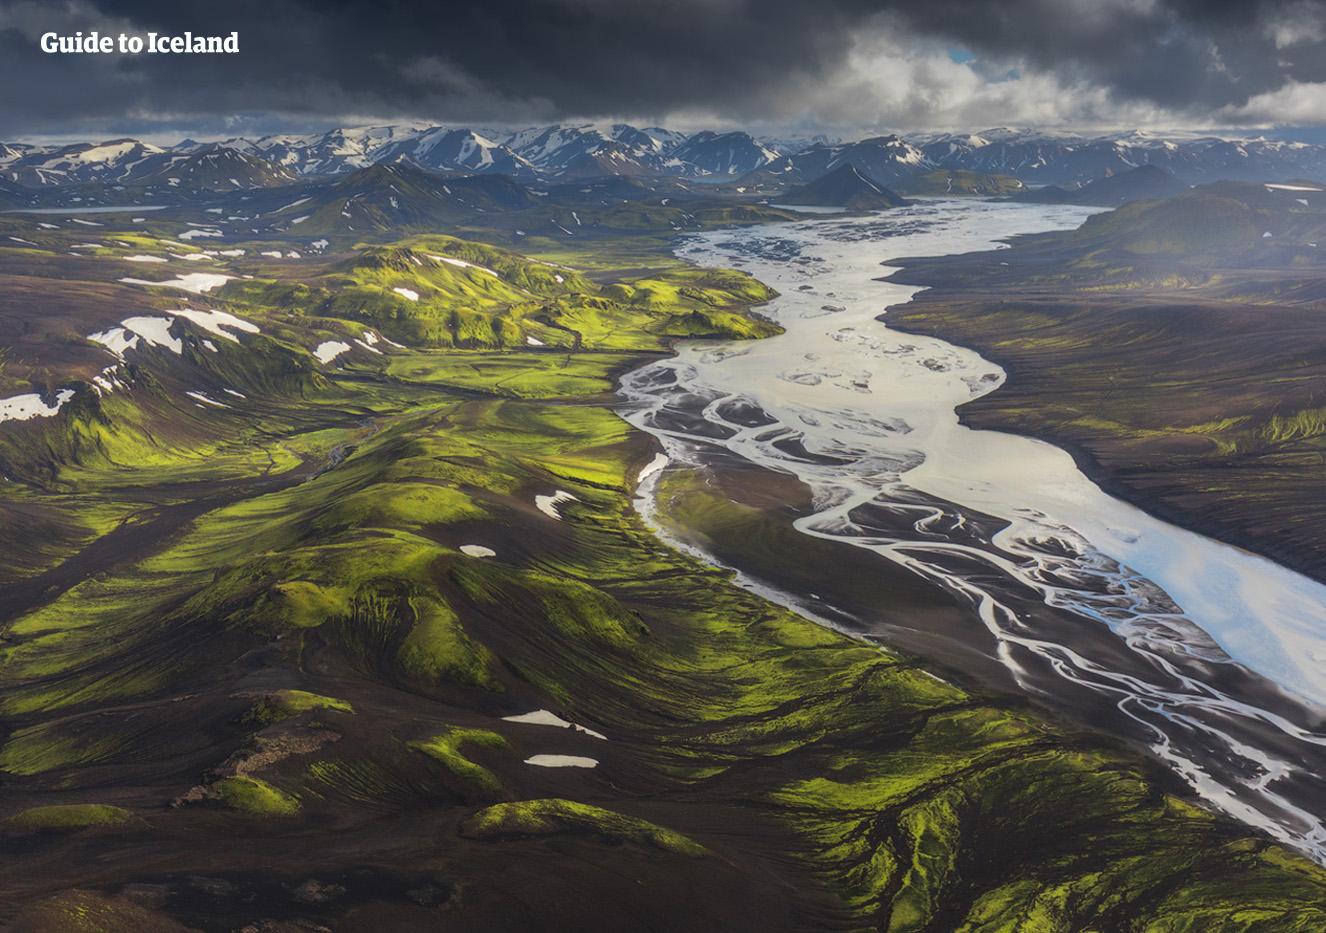 从直升机的鸟瞰视角领略冰岛中央内陆高地的全景